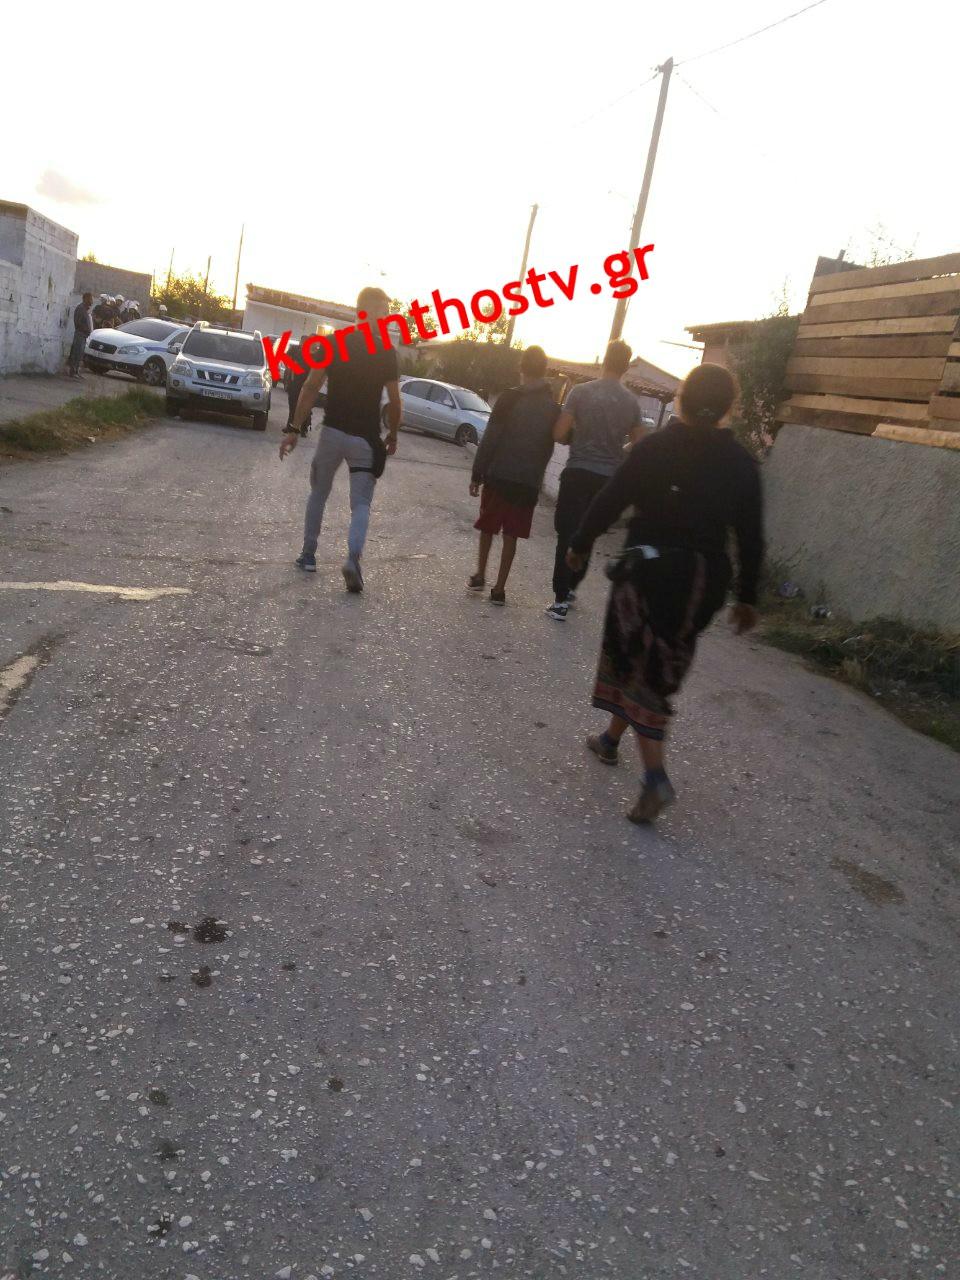 Έφοδος της Αστυνομίας στον καταυλισμό Ρομά στο Ζευγολατιό